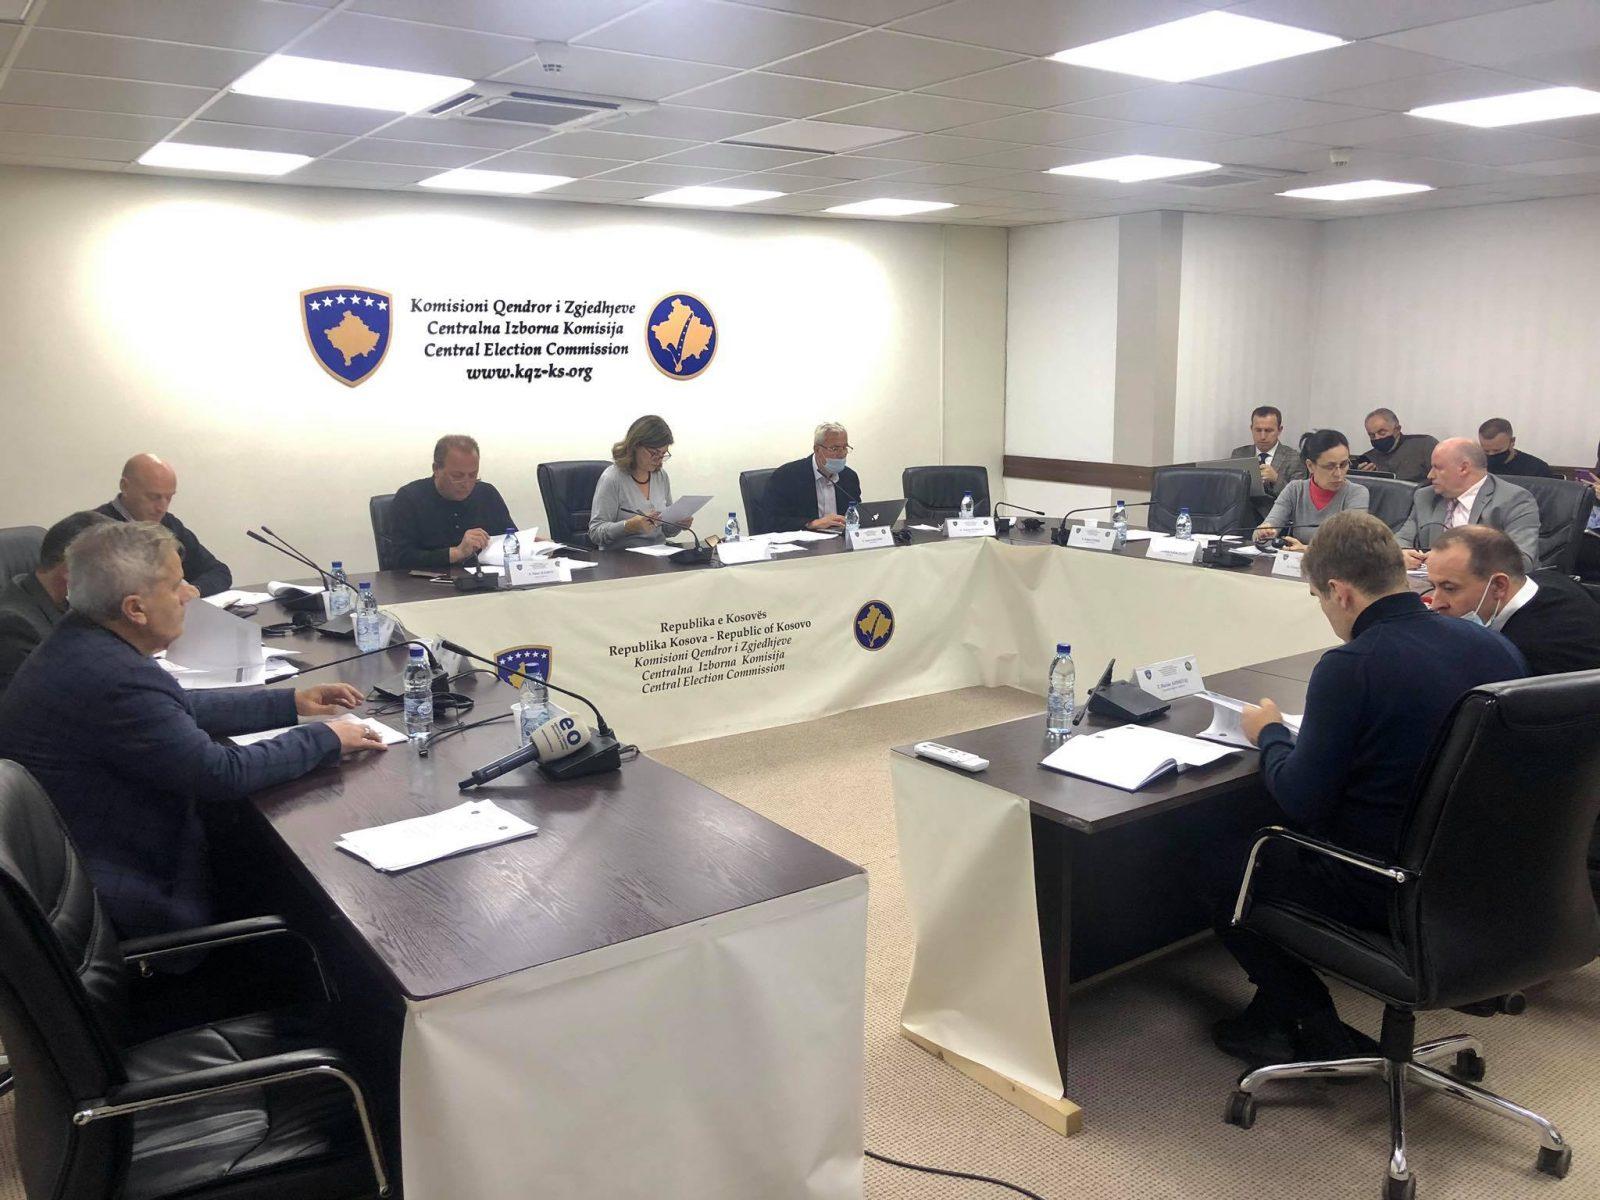 KQZ-ja miratoi listën e qendrave të votimit, 888 vendvotime